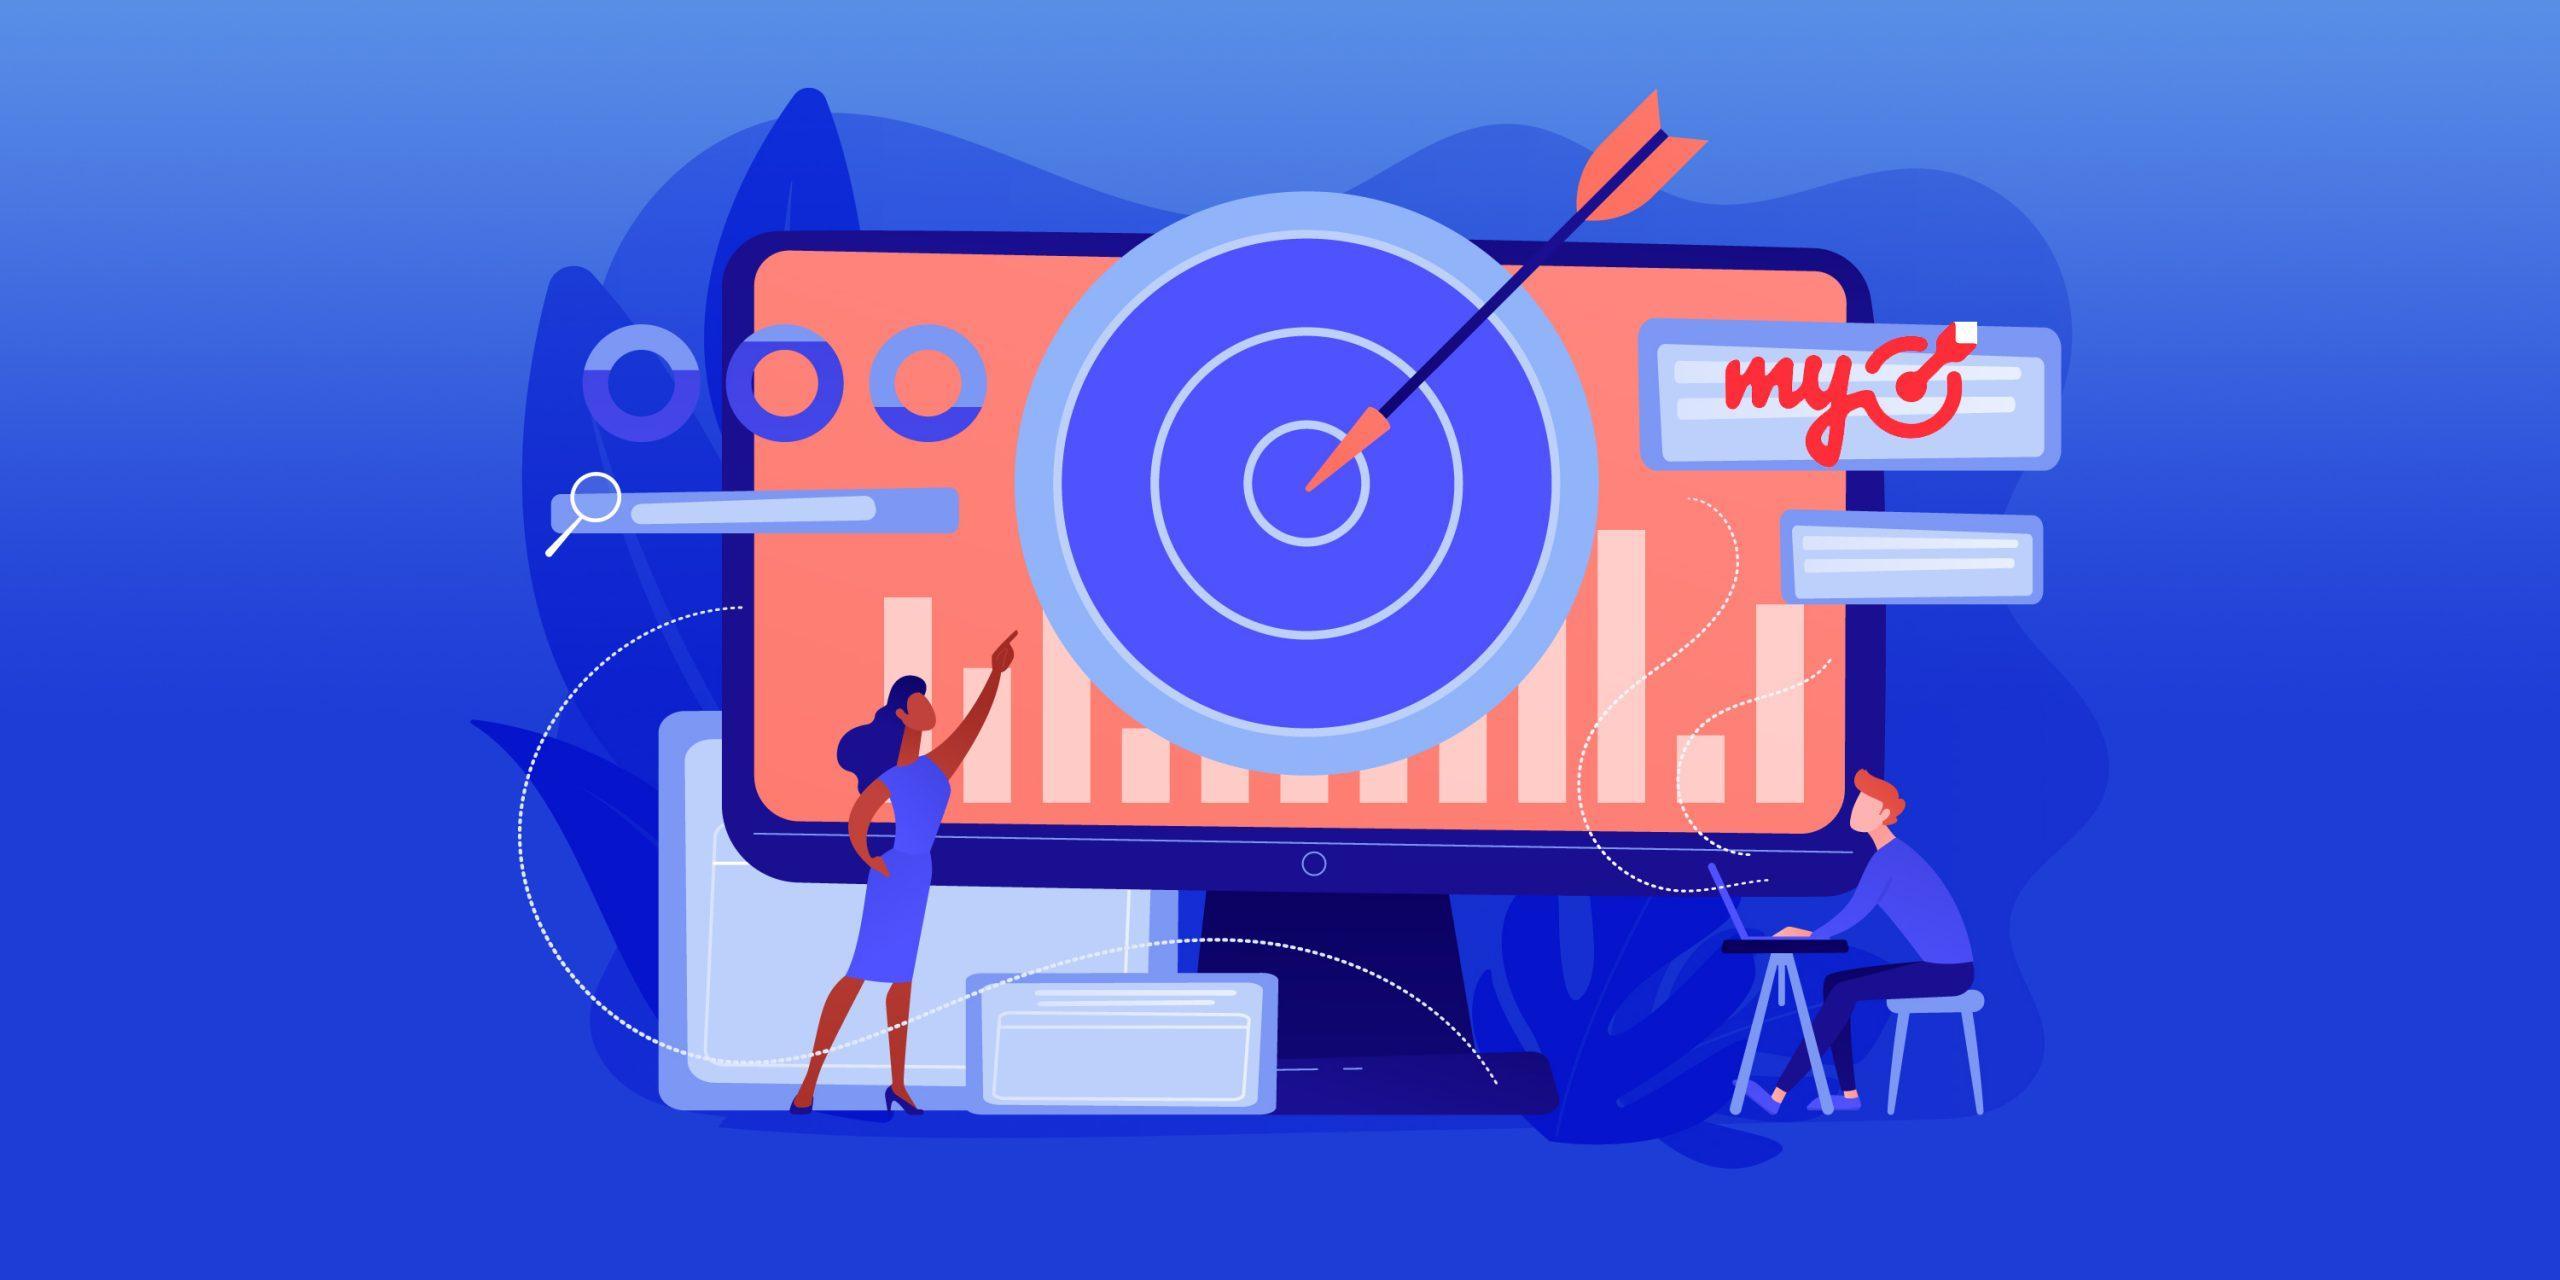 {:en}myTarget как площадка для продвижения товаров и услуг: подробный гайд{:}{:ru}myTarget как площадка для продвижения товаров и услуг: подробный гайд {:}